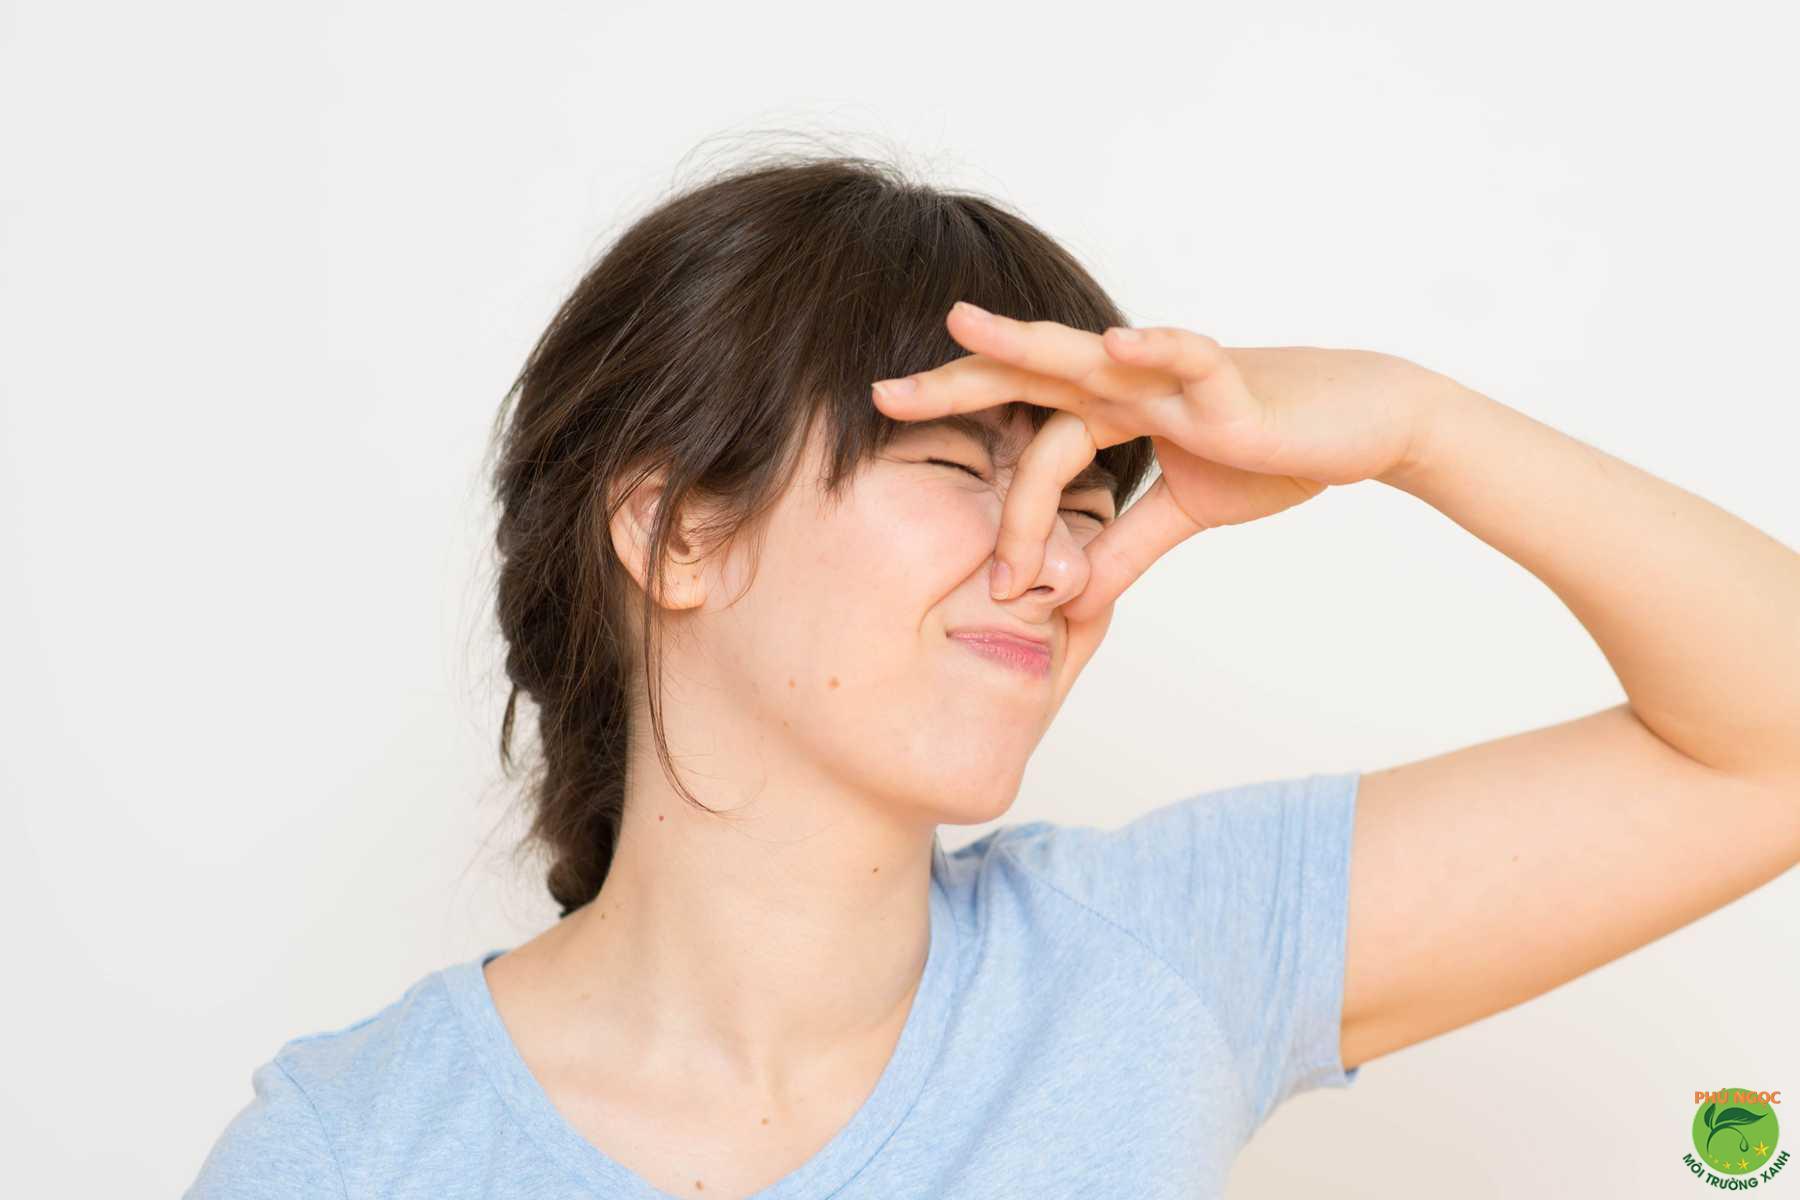 Không hút hầm cầu có thể gây ra các mùi hôi thối ảnh hưởng đến chất lượng cuộc sống